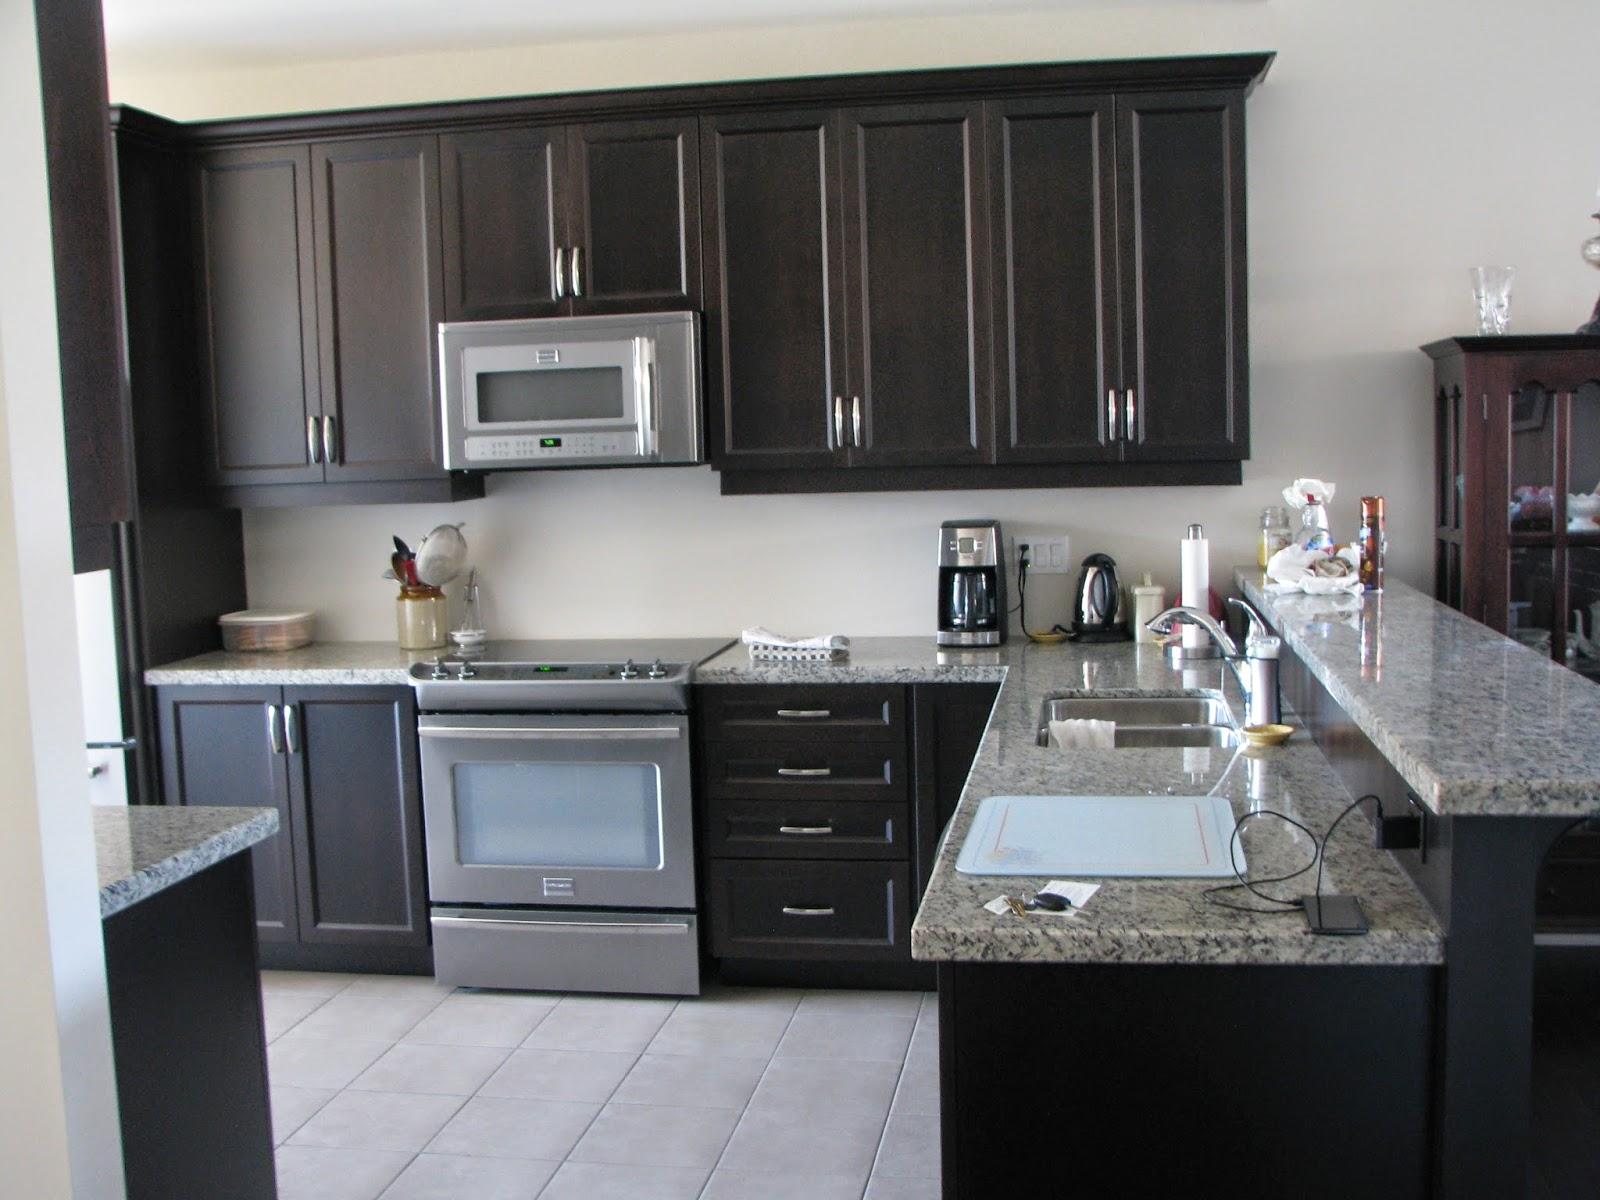 Standard Kitchen Cabinets Remodling Depth Of